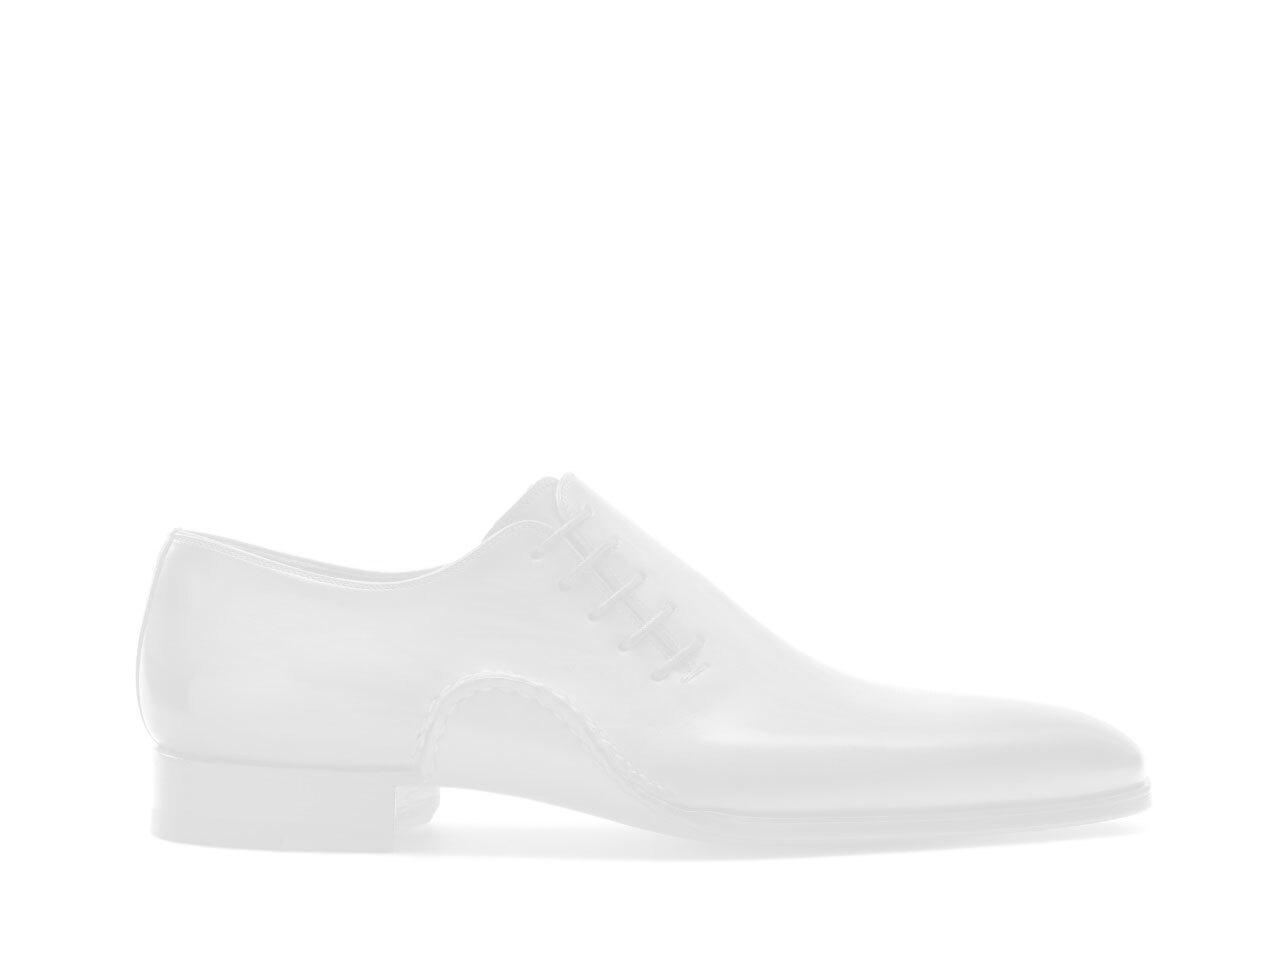 Navy blue loafer leather shoes for men - Magnanni